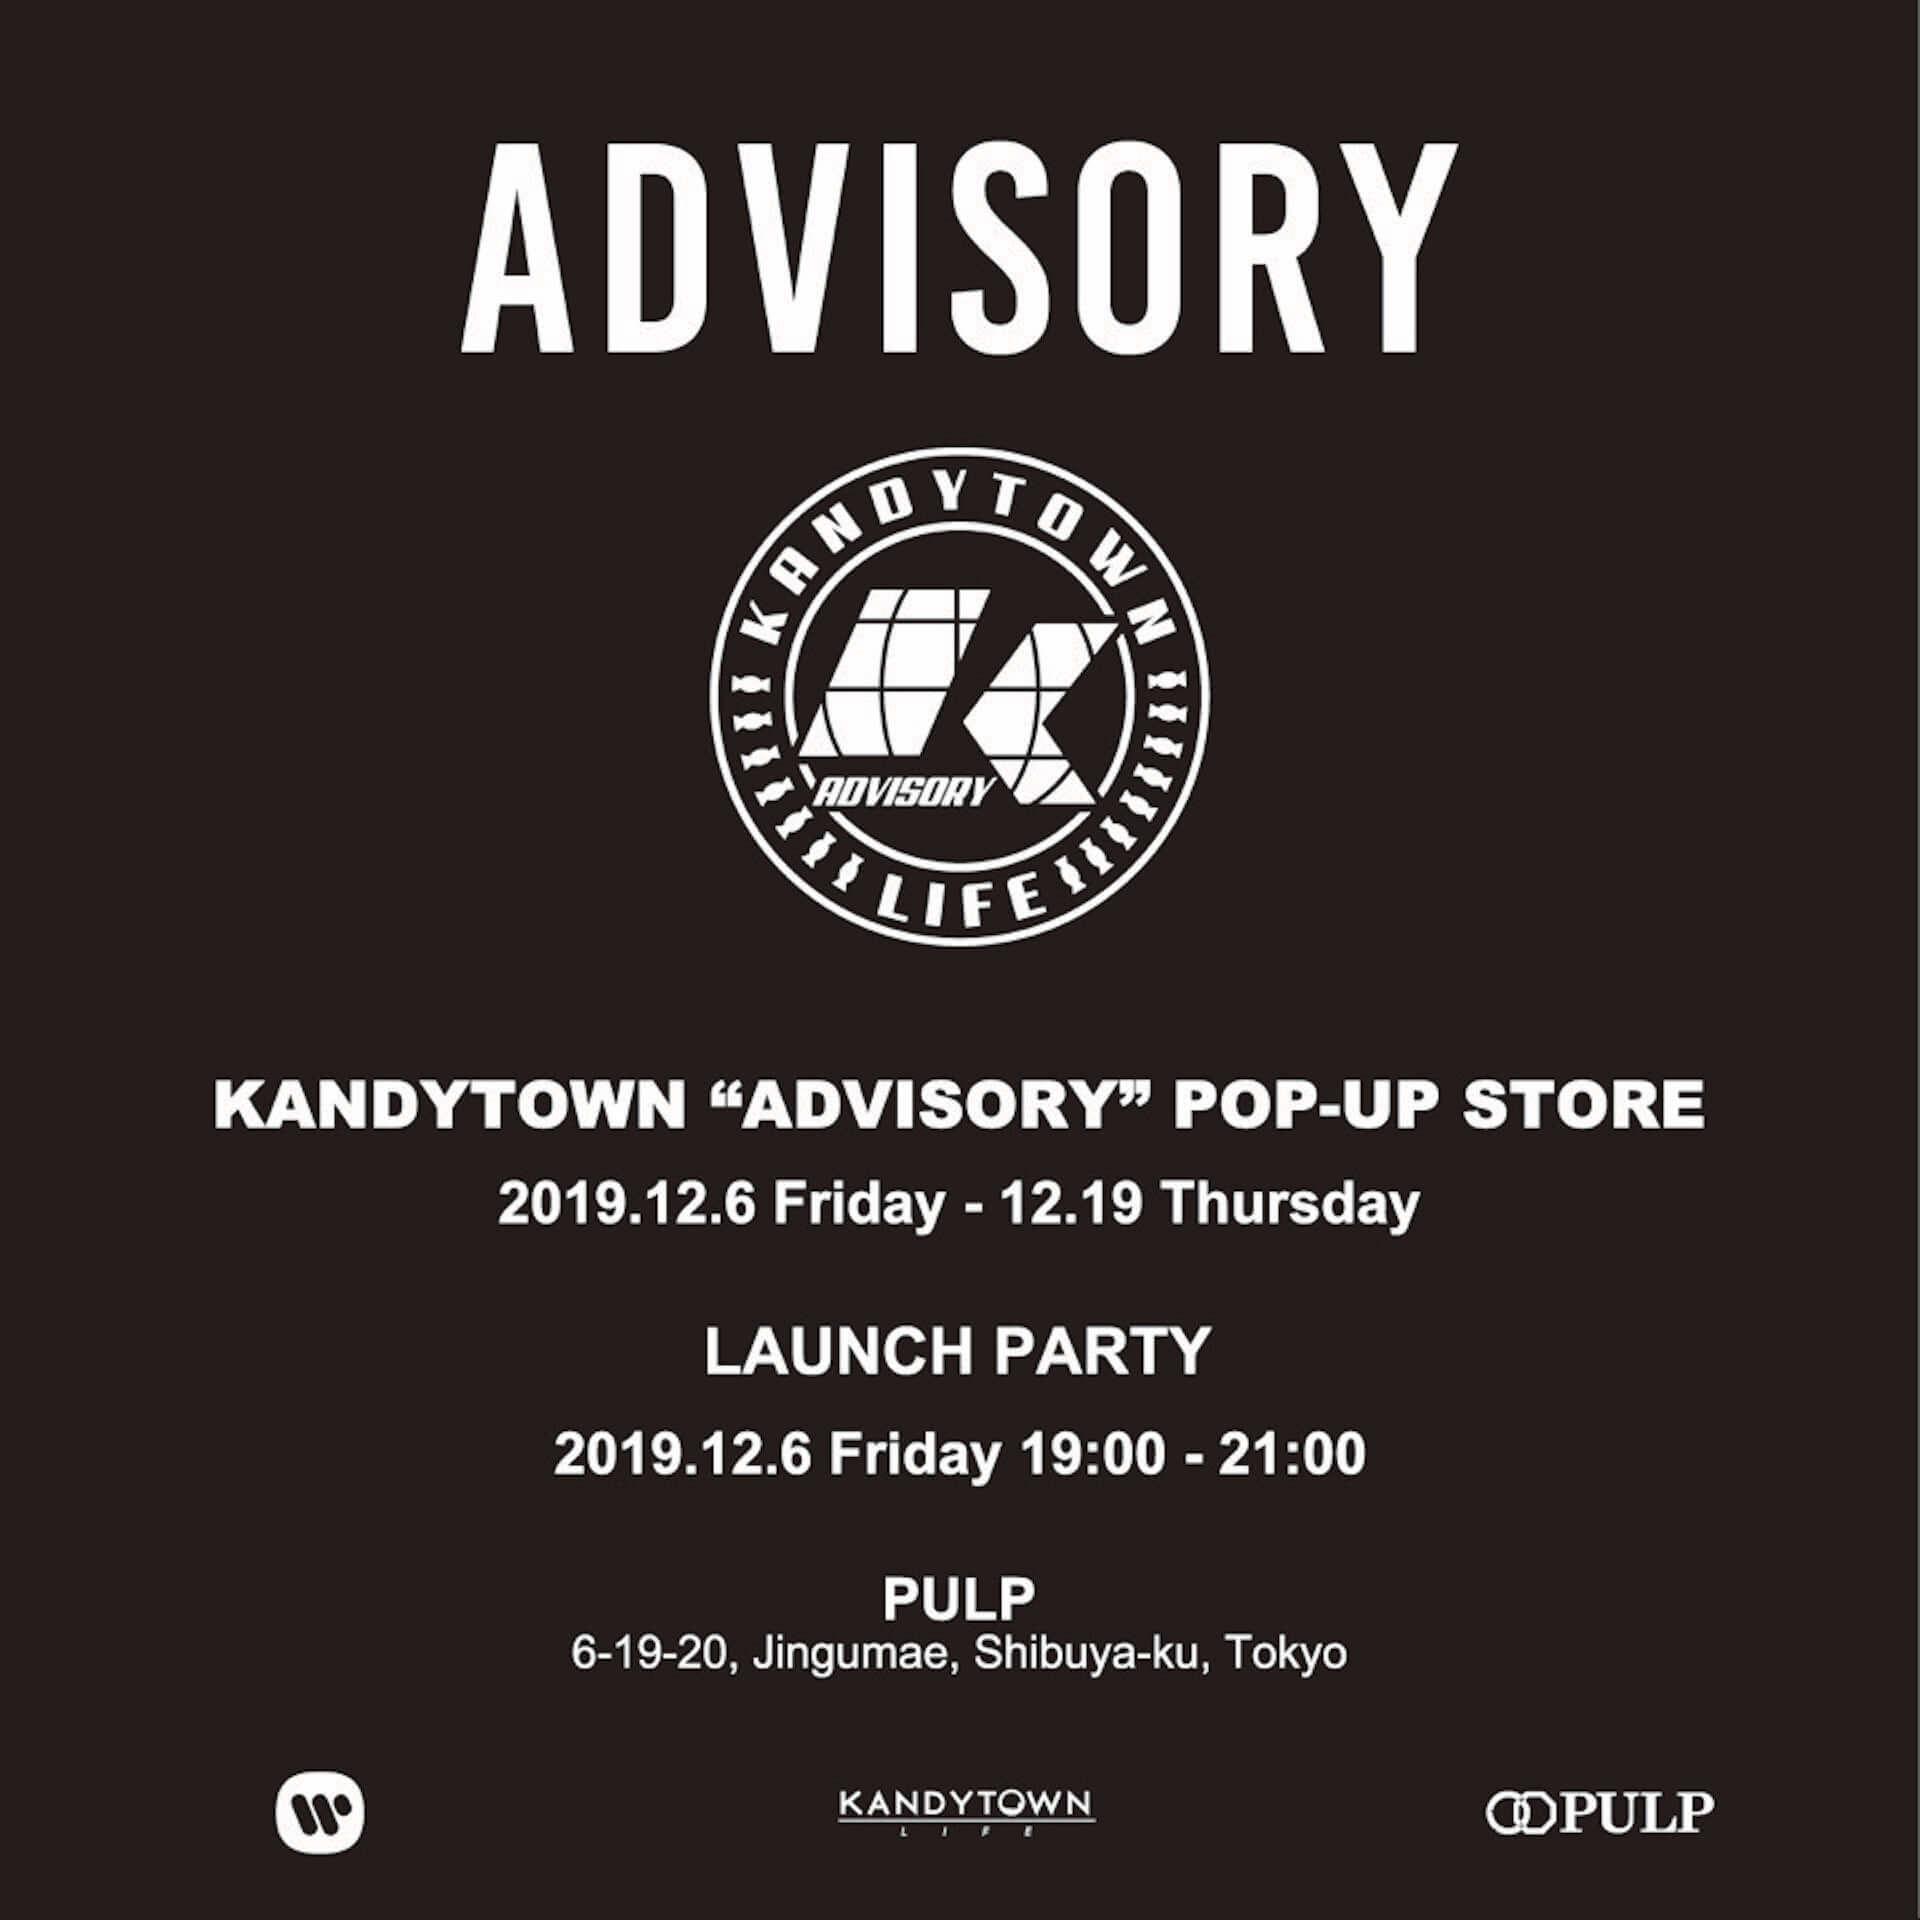 KANDYTOWNが渋谷PULPにてPOP-UPを開催決定|ローンチパーティーには全メンバーが来店! Music191202_kandytownadvisory_20-1920x1920